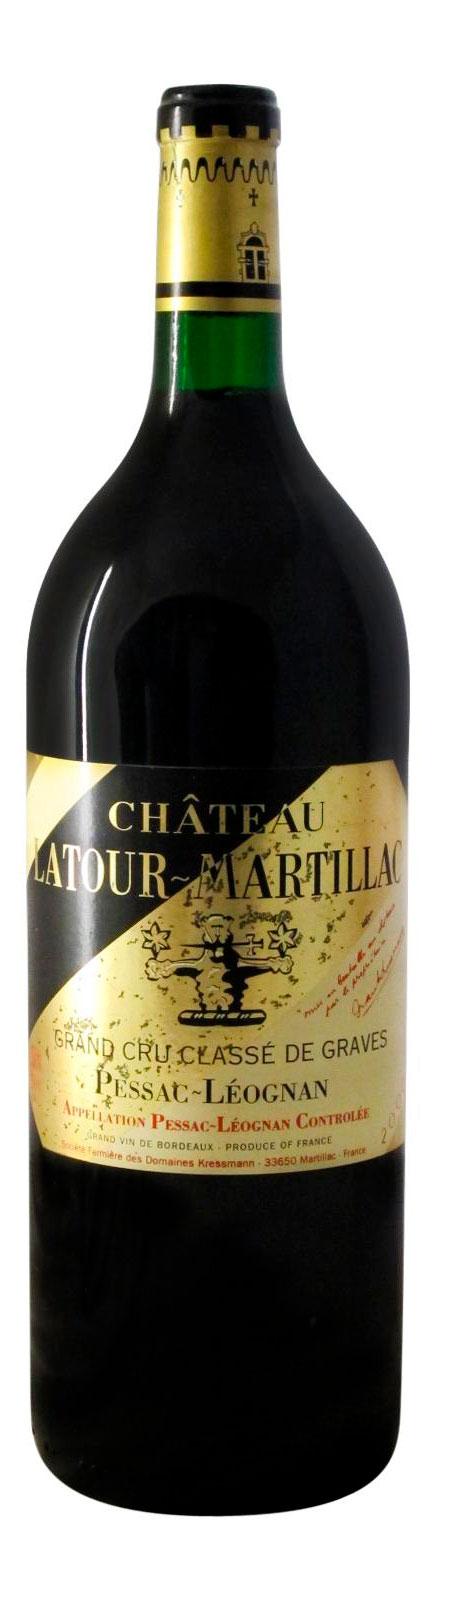 Château Latour Martillac ( Domaine Kressmann ) 2005